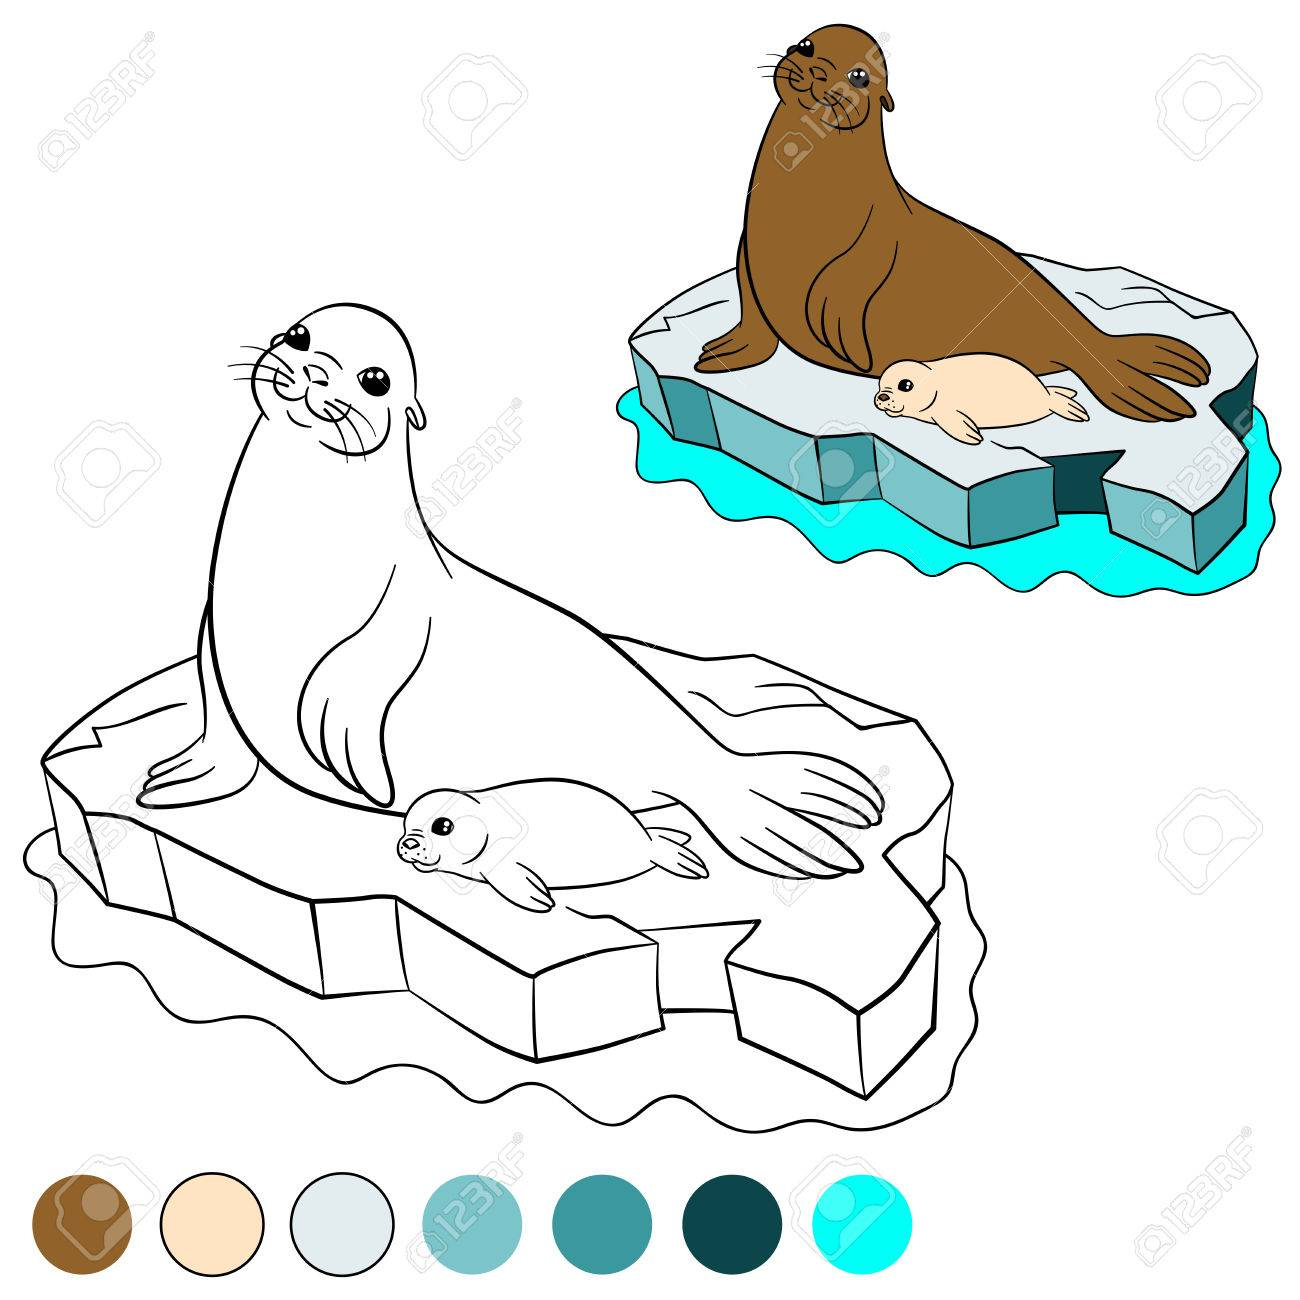 Malvorlage Mit Farben. Mutter Seebär Mit Ihrem Kleinen Süßen Weiß ...